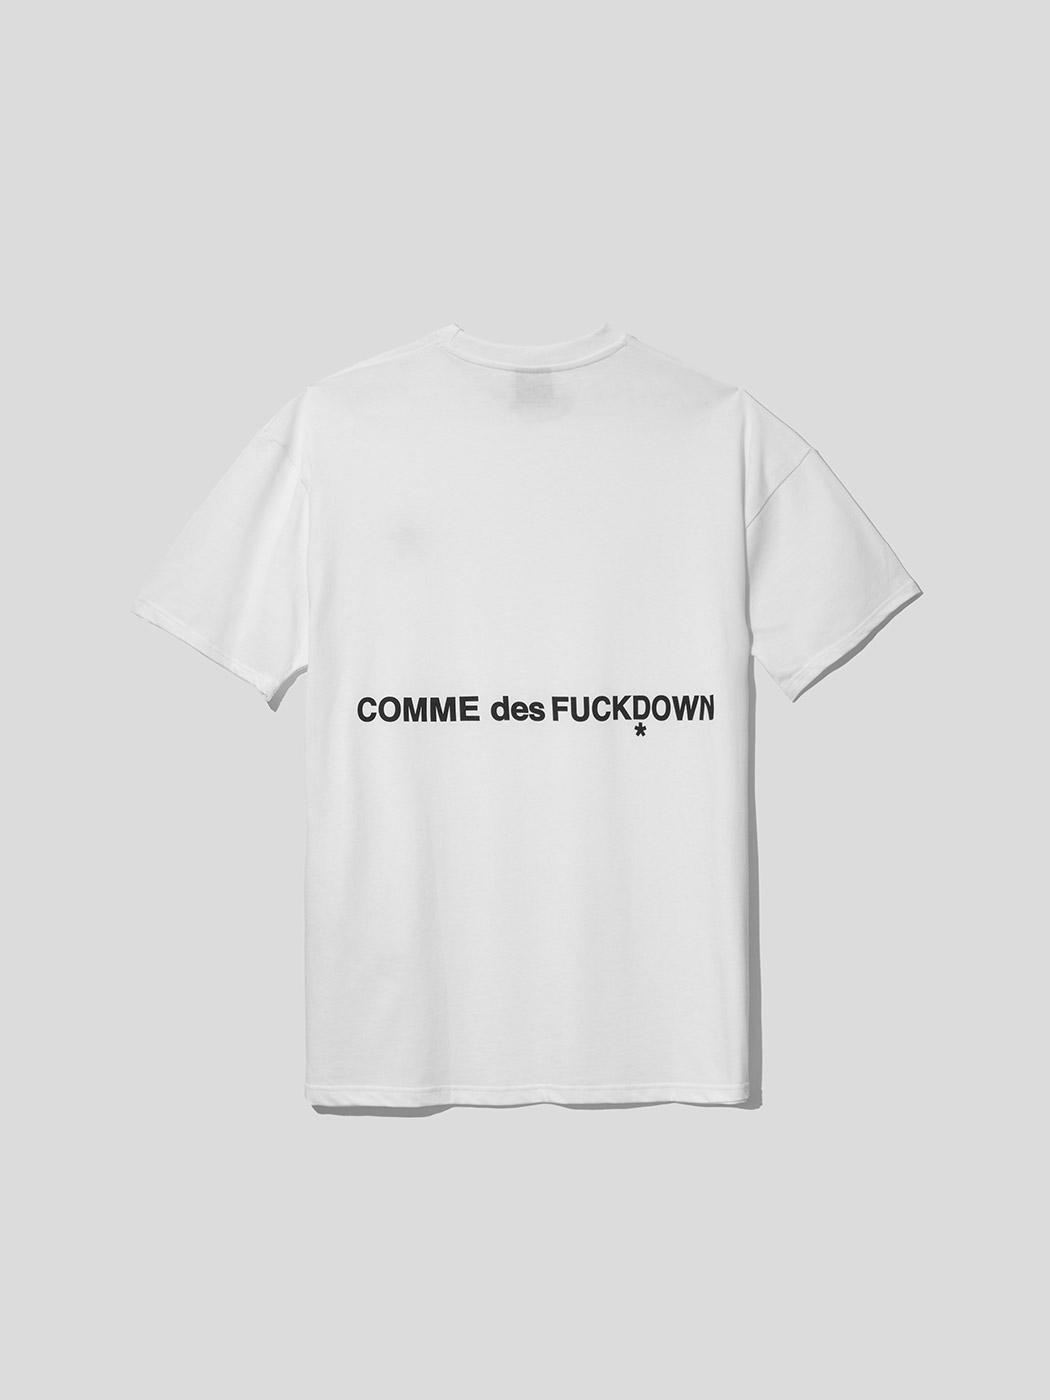 T-SHIRT - CDFU1242 - COMME DES FKDOWN